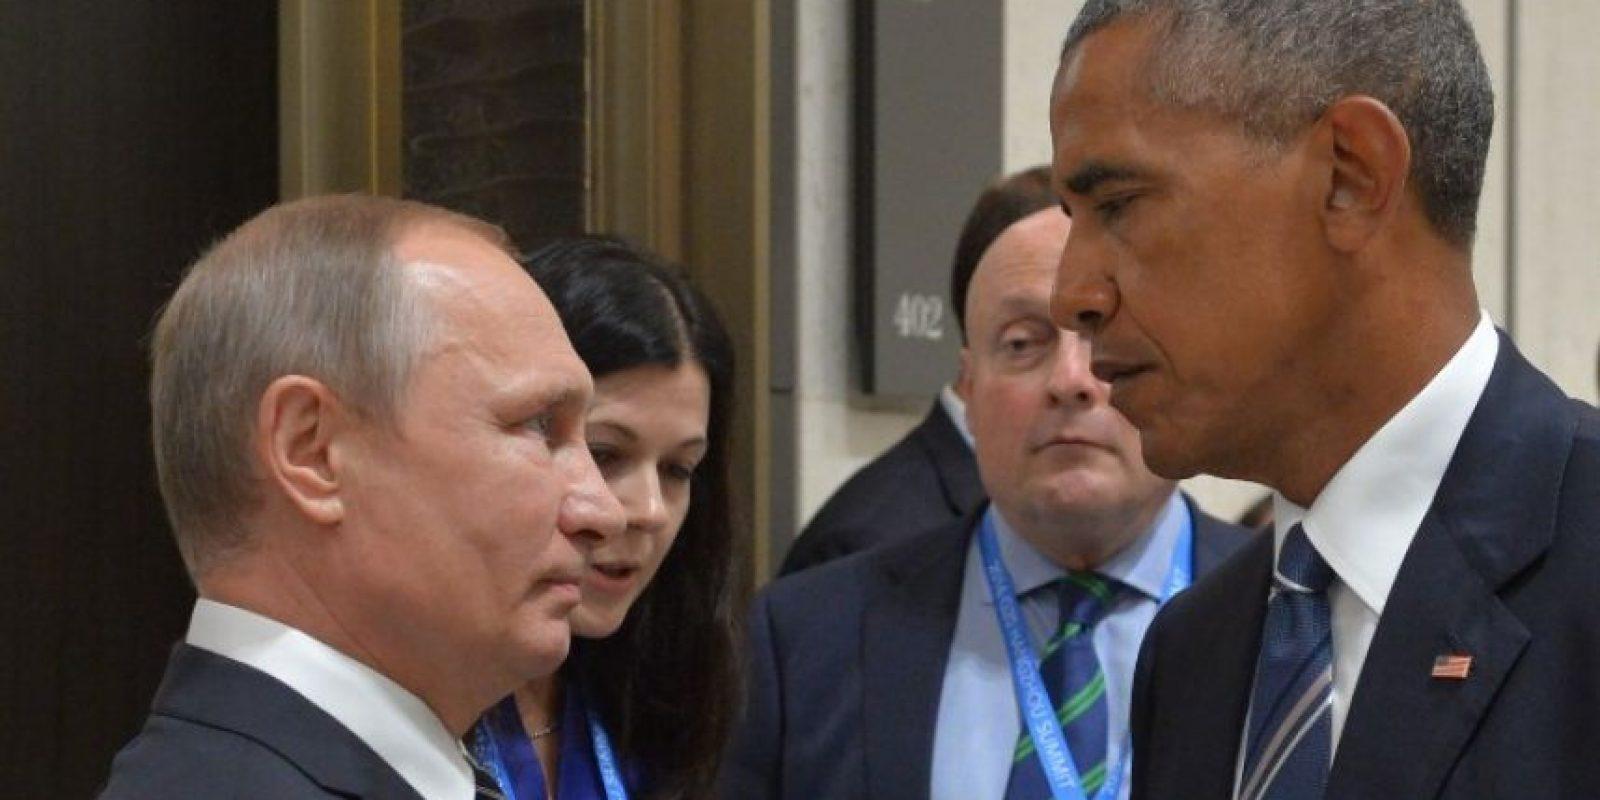 Este fue el momento entre Vladimir Putin y Barack Obama Foto:AFP